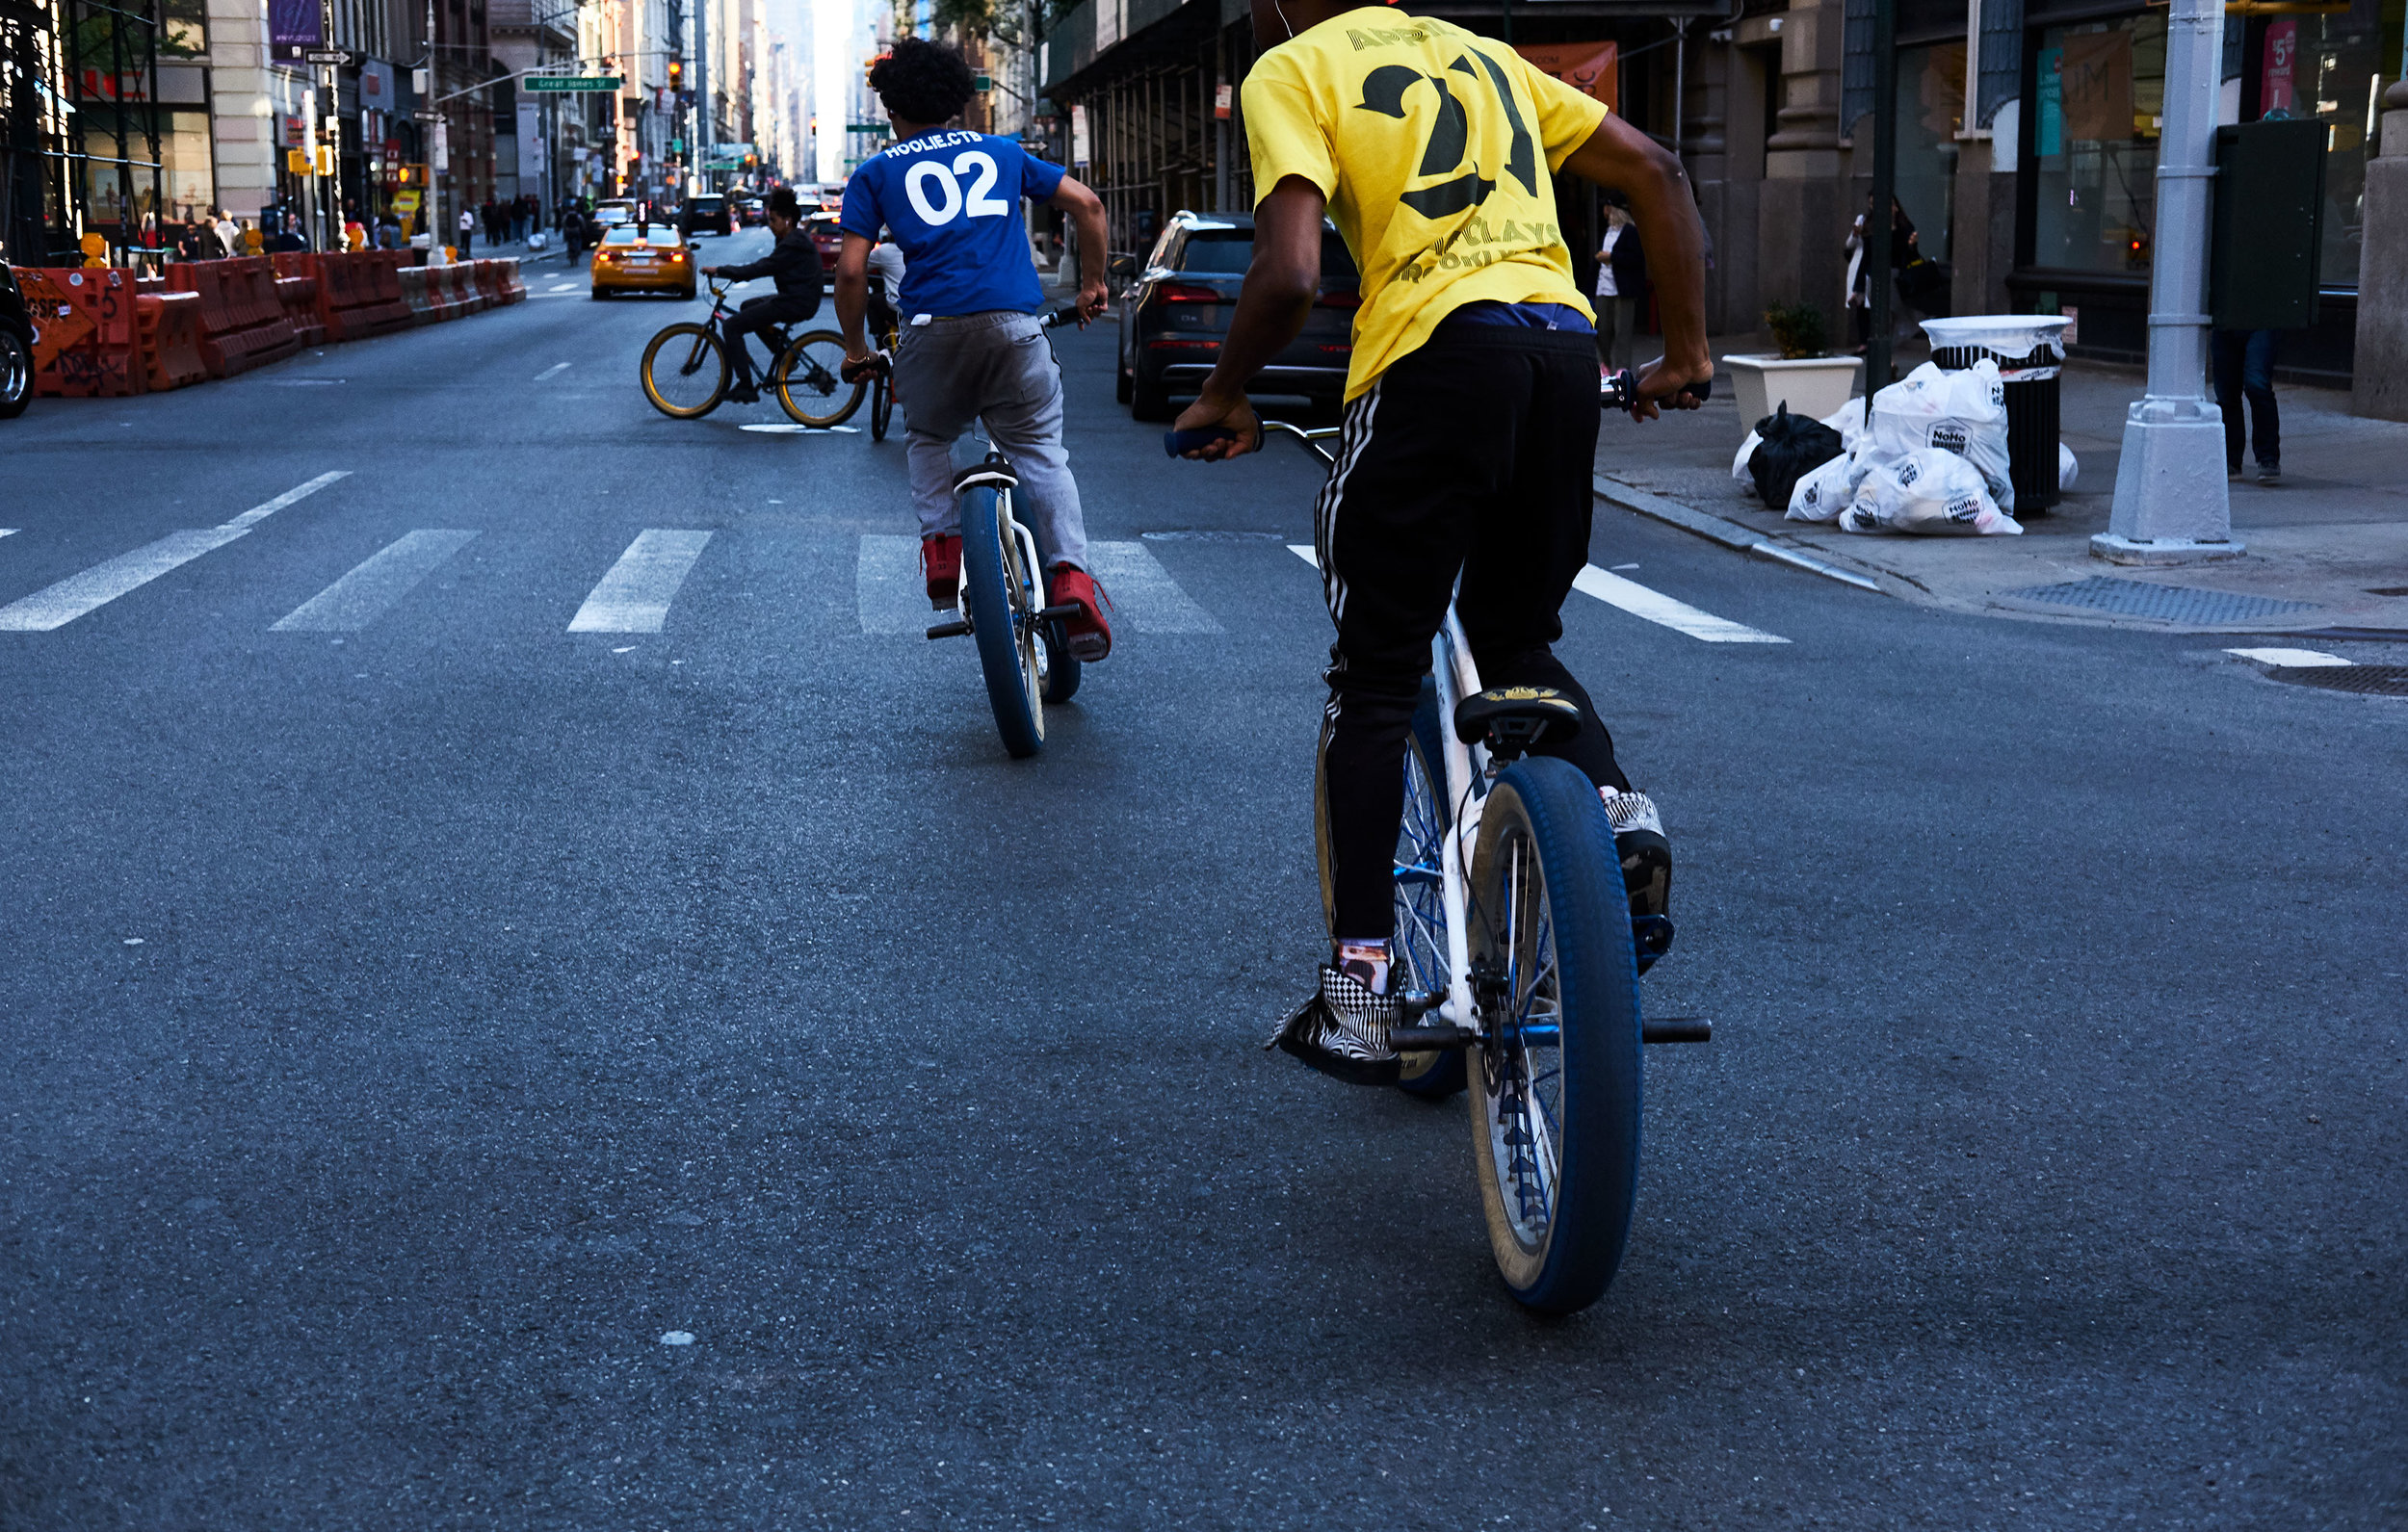 Street4_2662.jpg